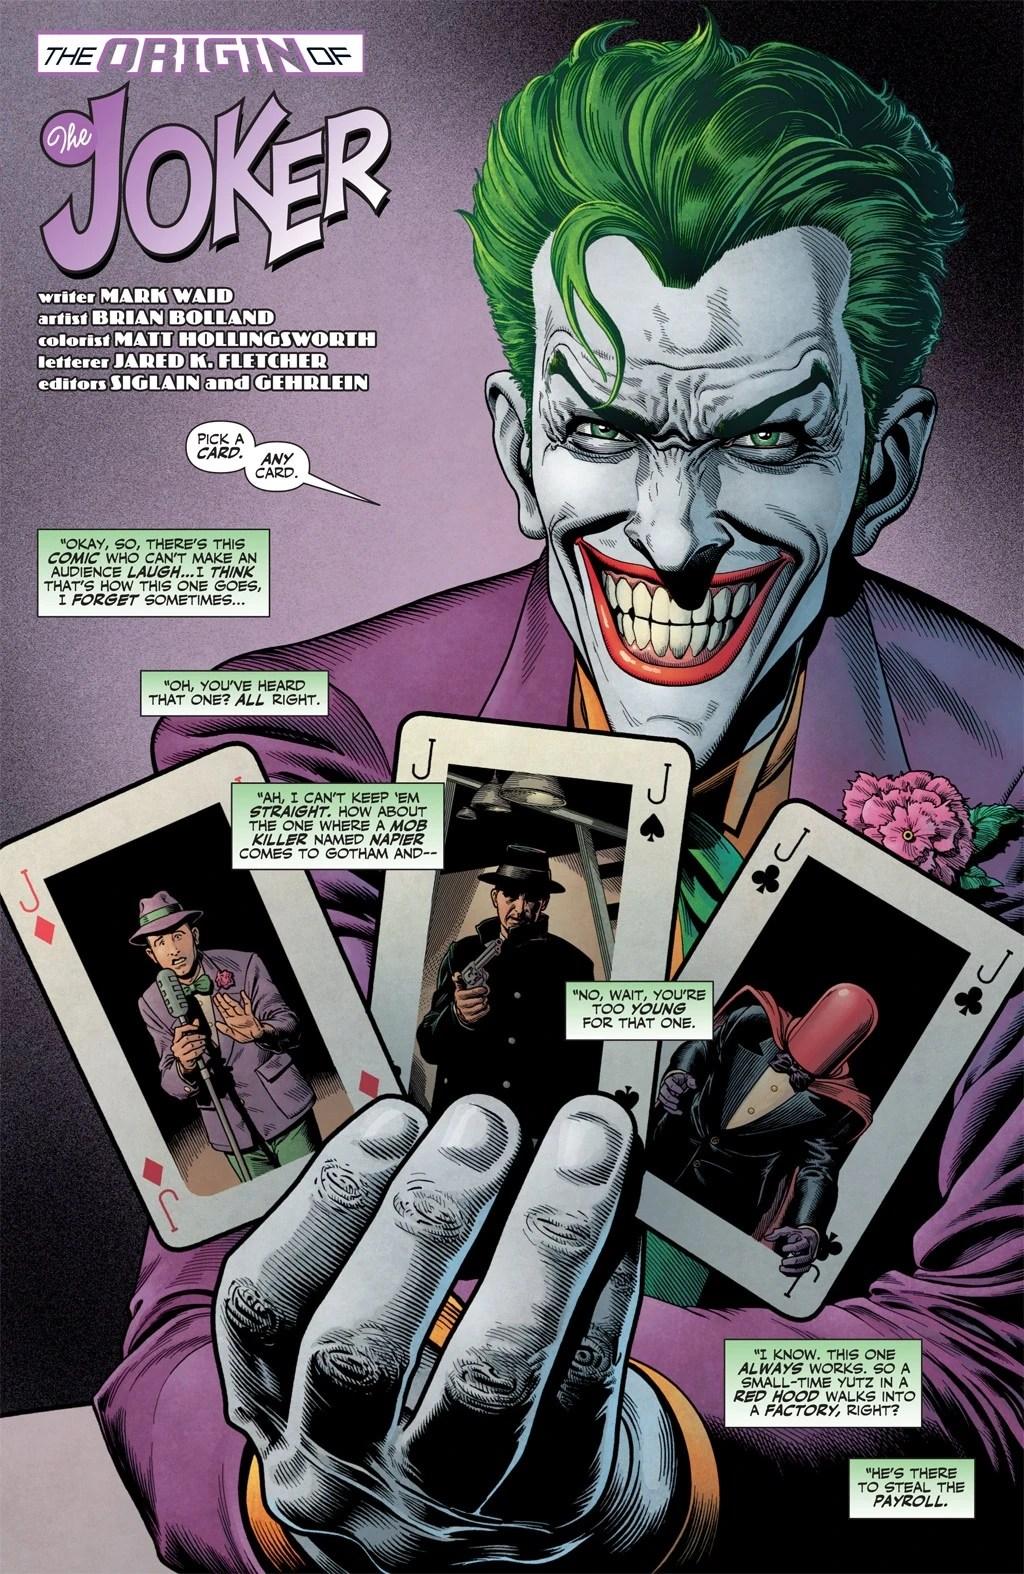 Batman Comic Joker Real Name